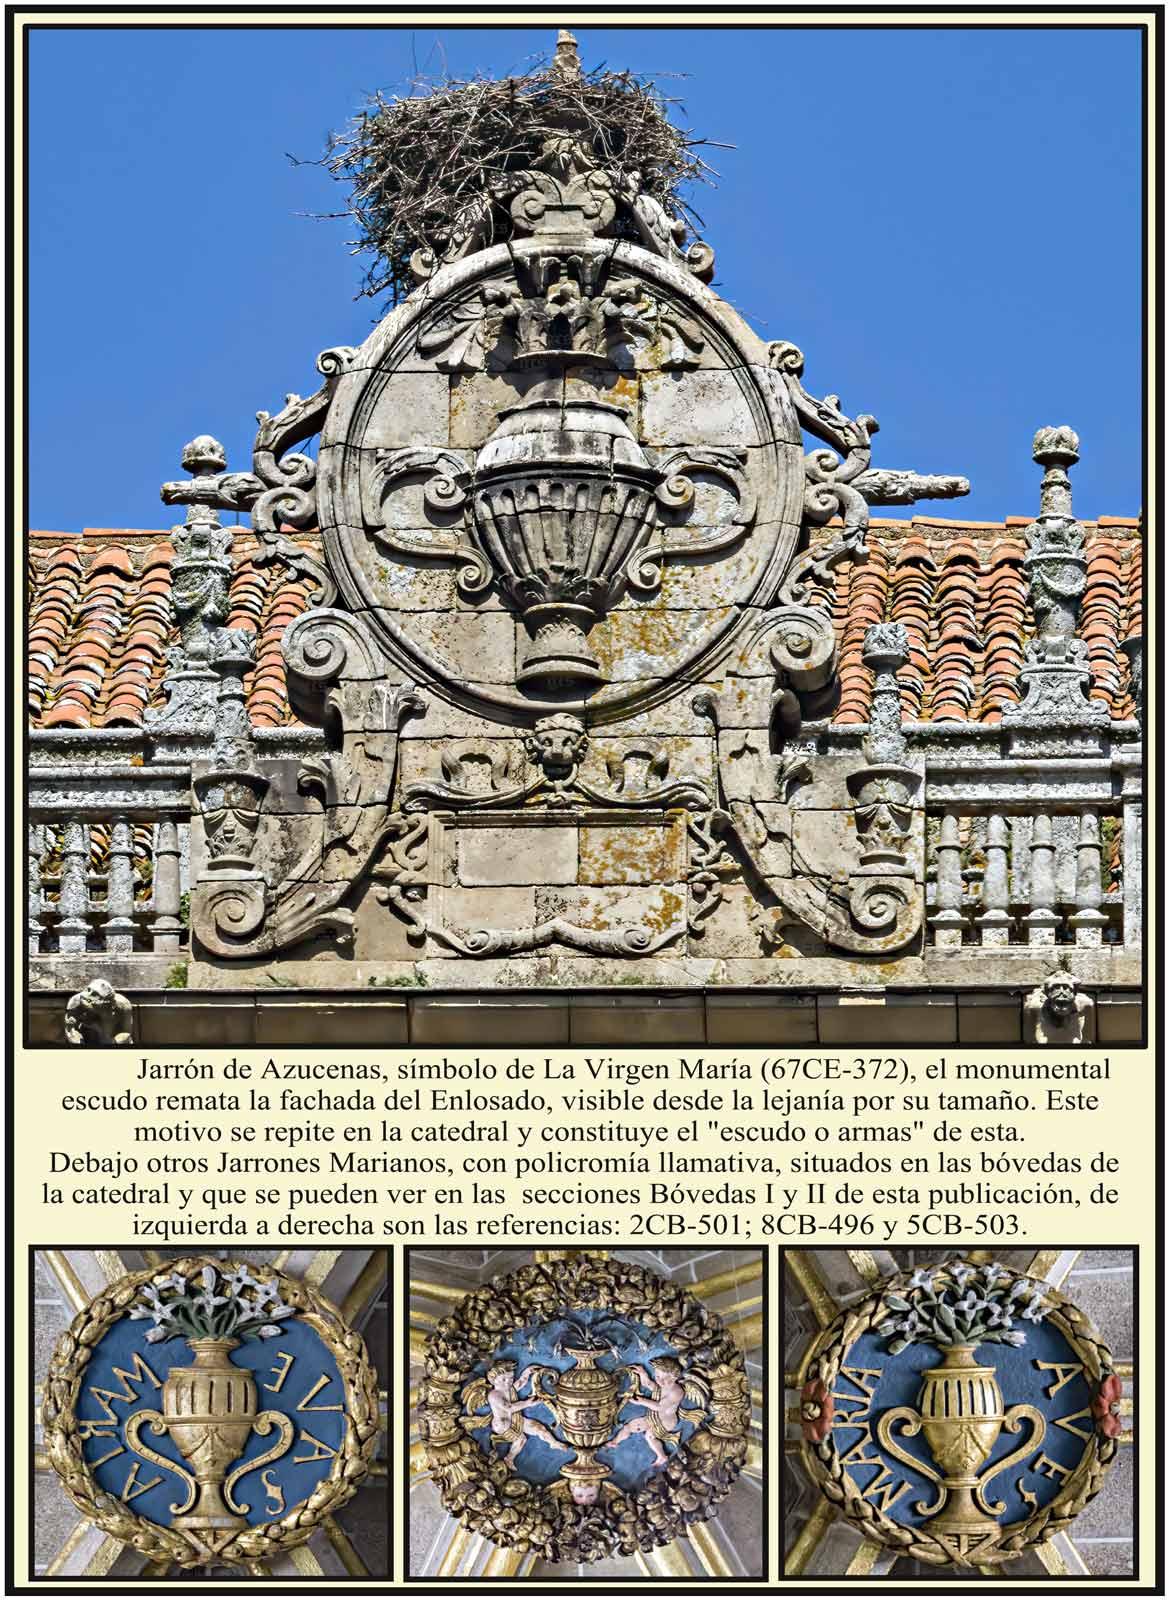 Catedral Dorada Plasencia Monumental Jarron Mariano simbolo de la Virginidad de Maria en la portada plateresca del Enlosado